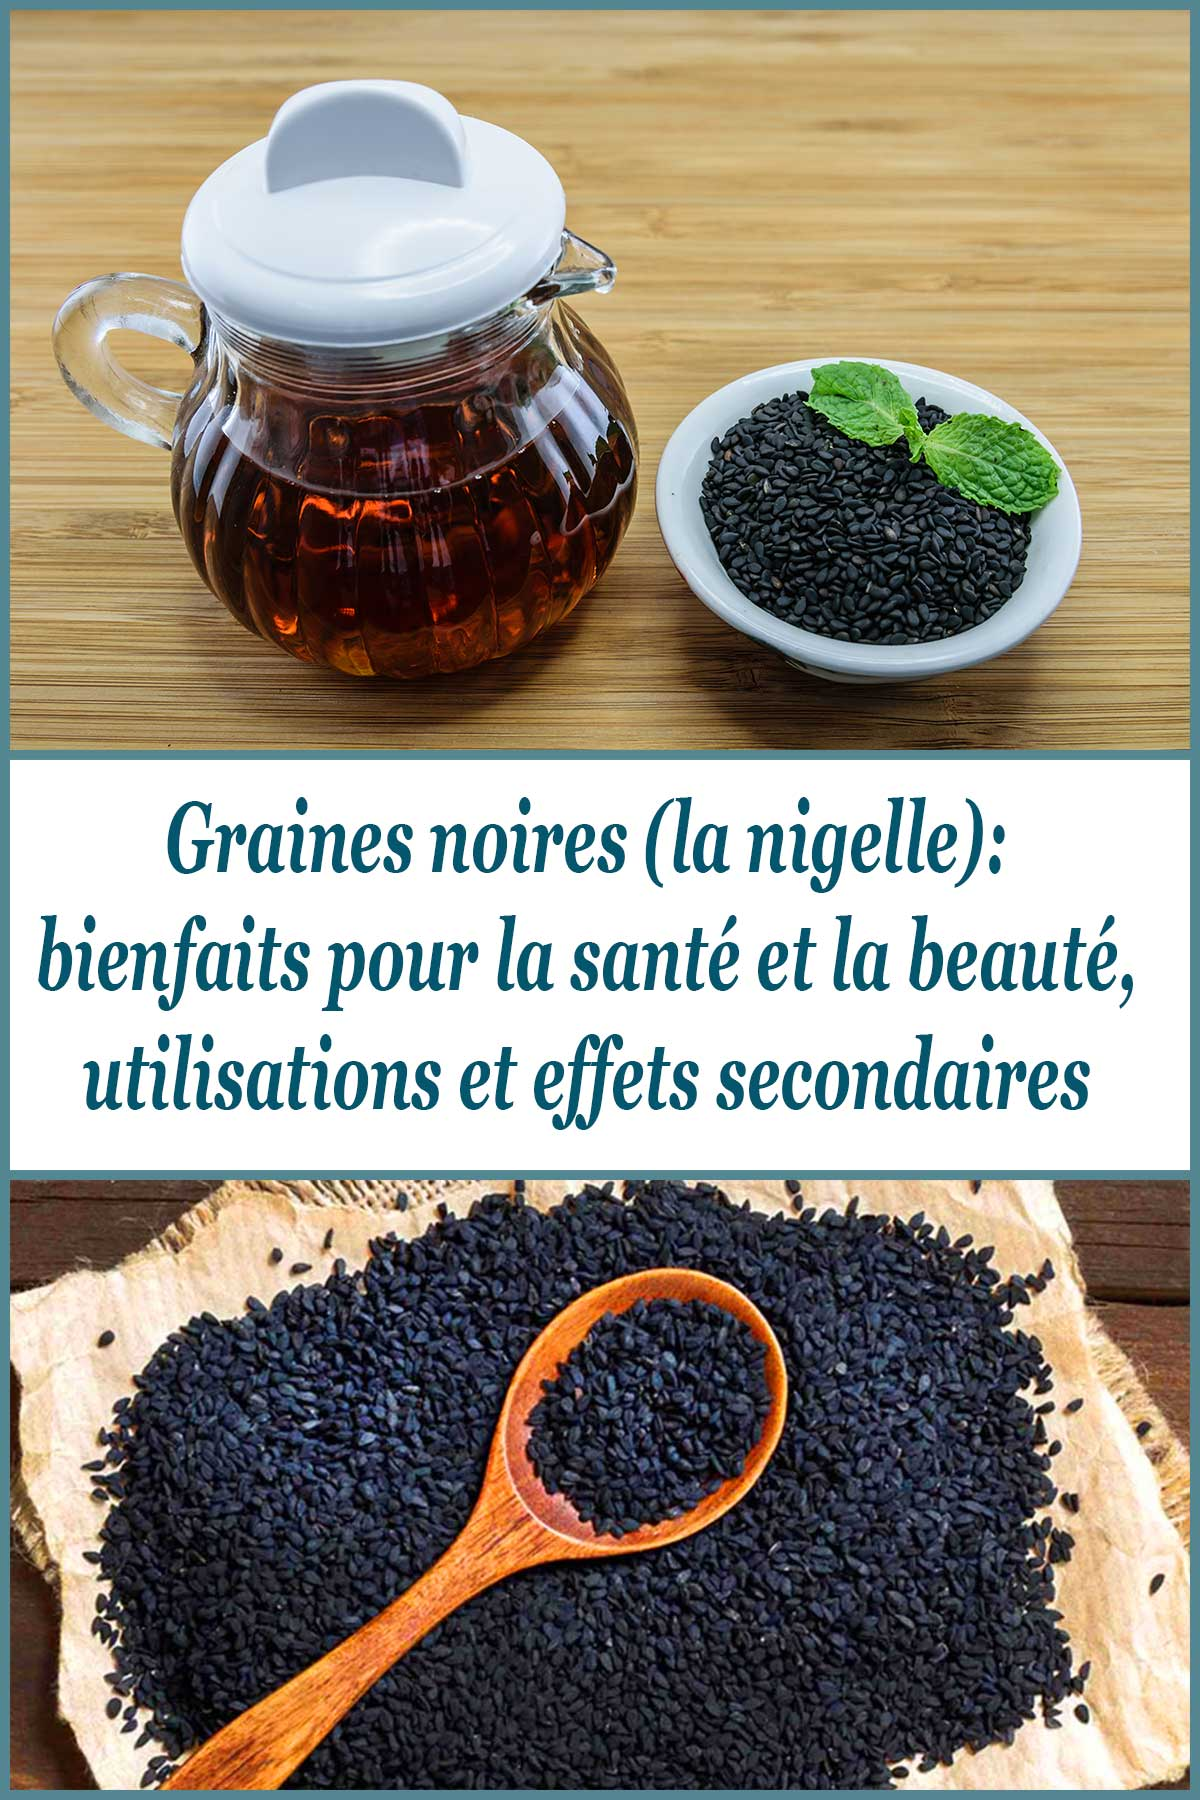 Graines noires (la nigelle): bienfaits pour la santé et la beauté, utilisations et effets secondaires